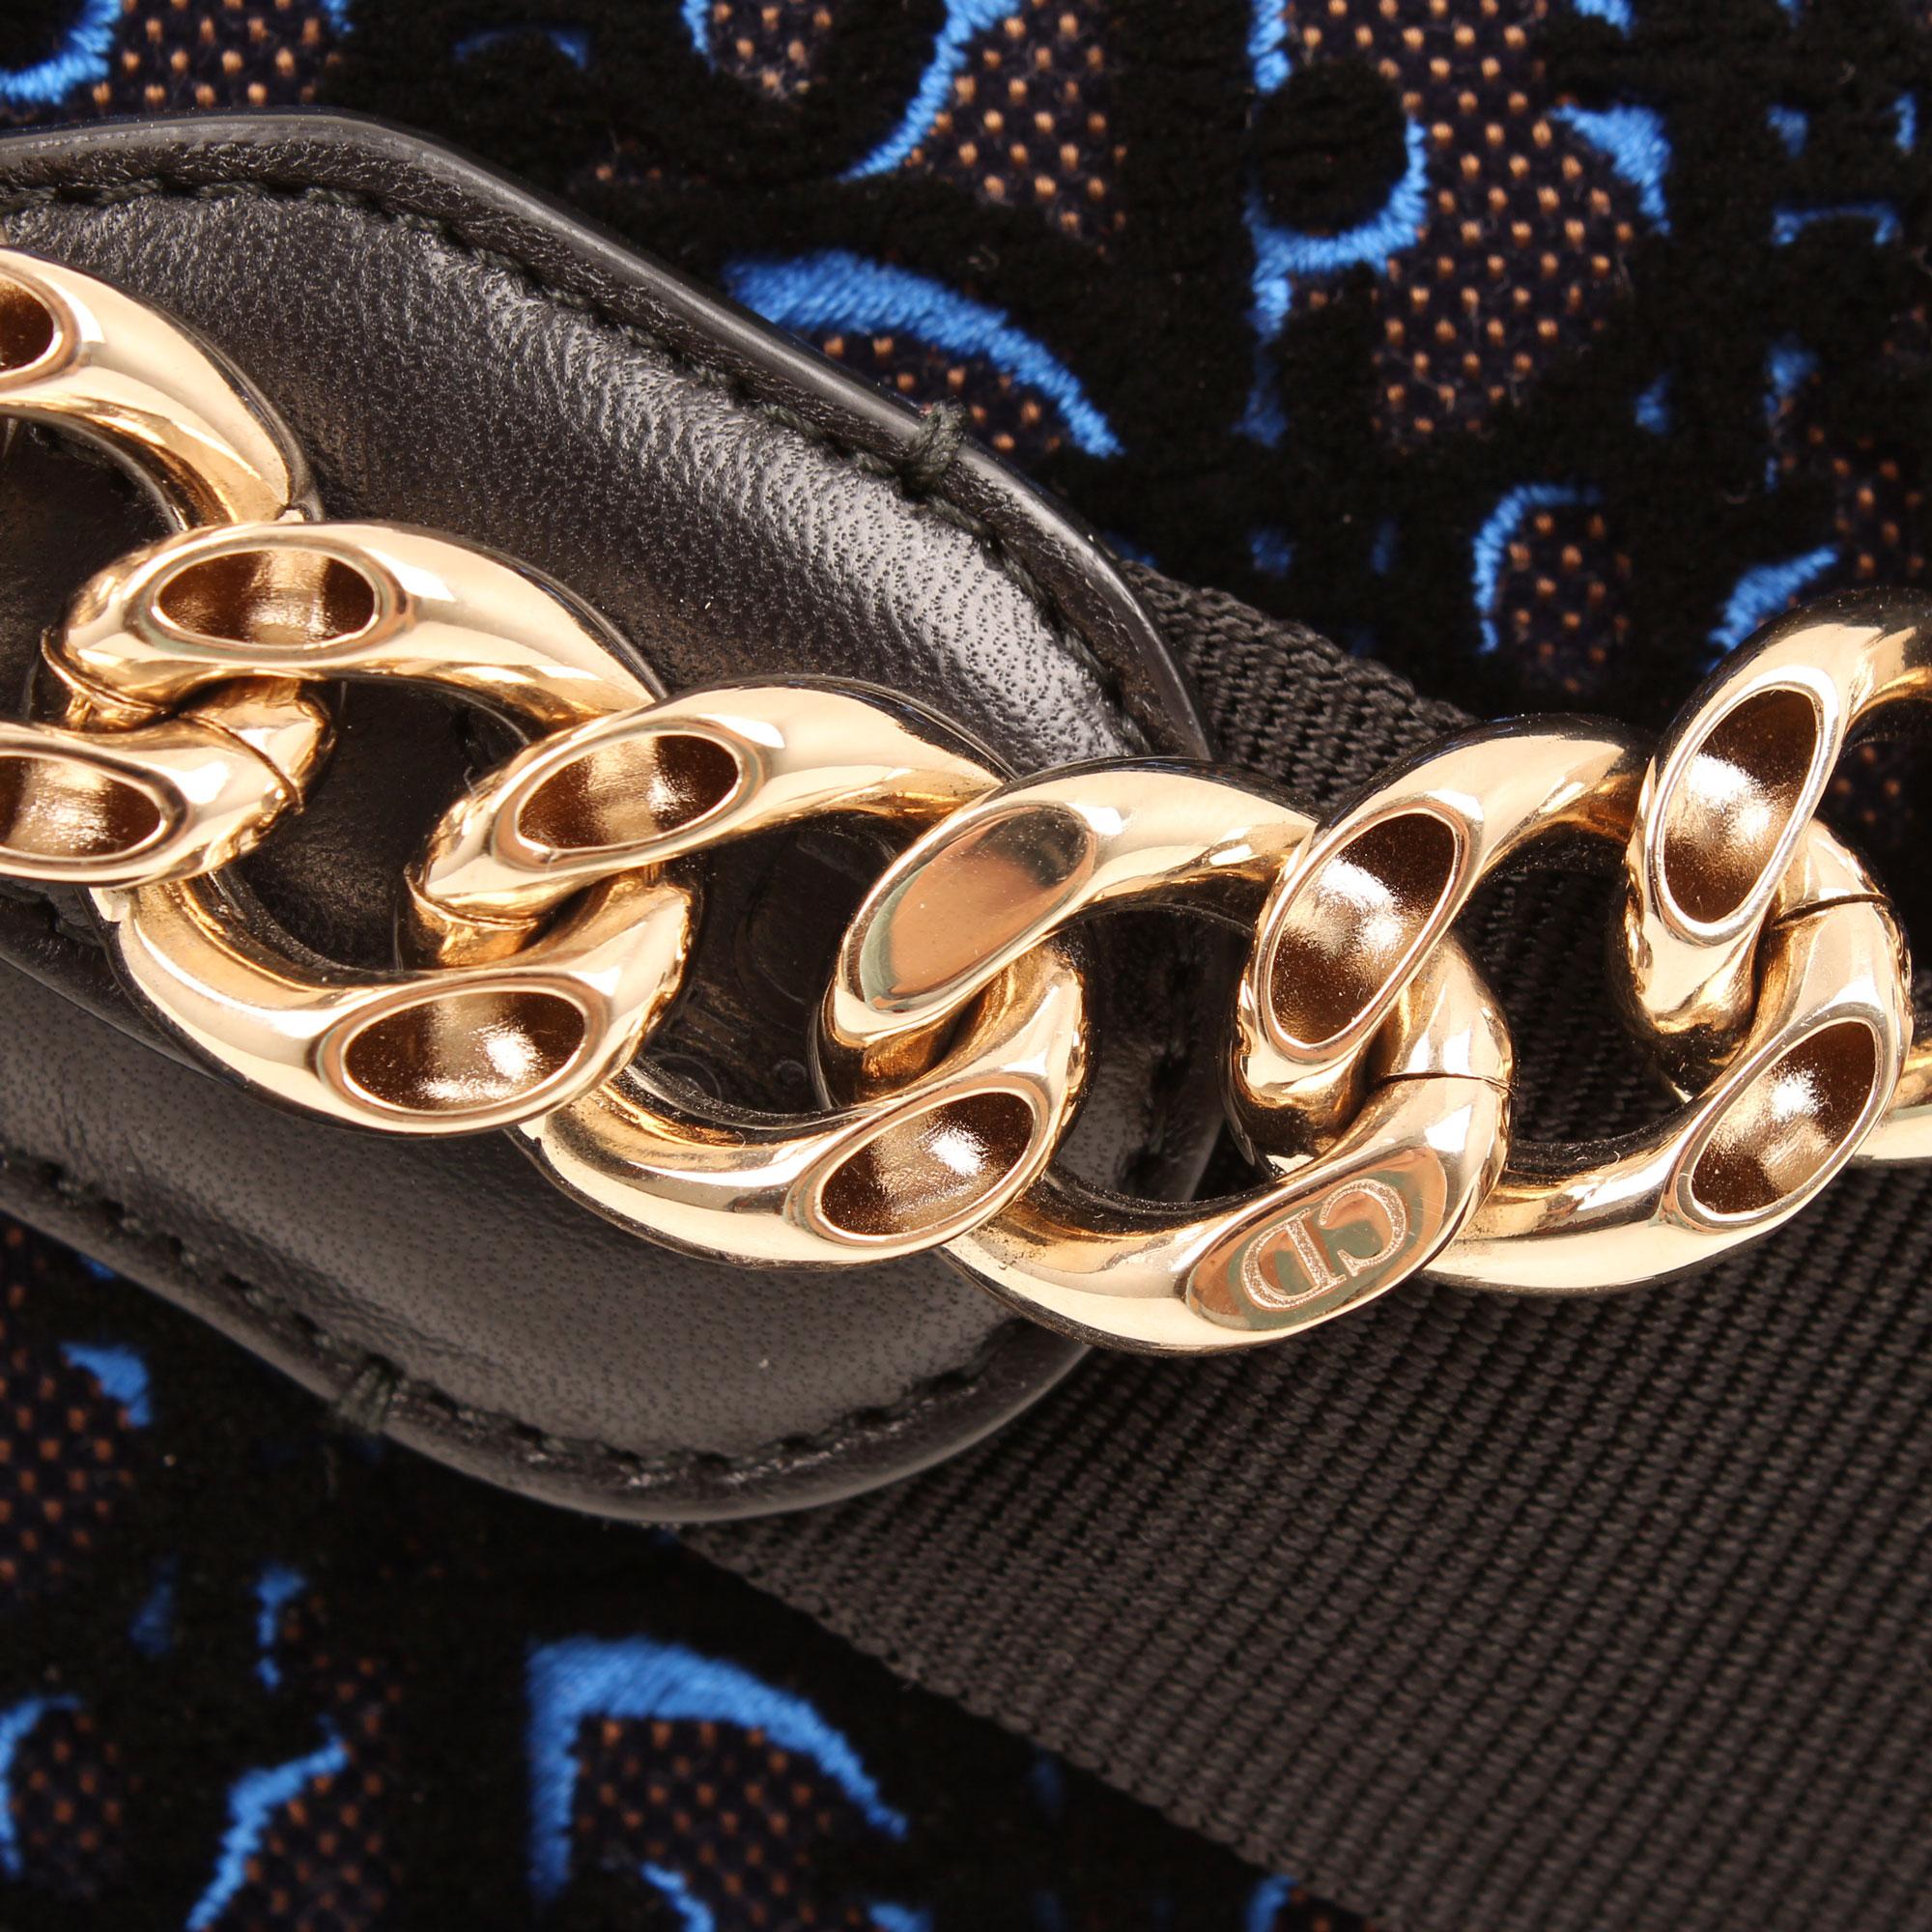 Imagen de detalle de la cadena dorada del bolso dior diorama mediano terciopelo piel azul